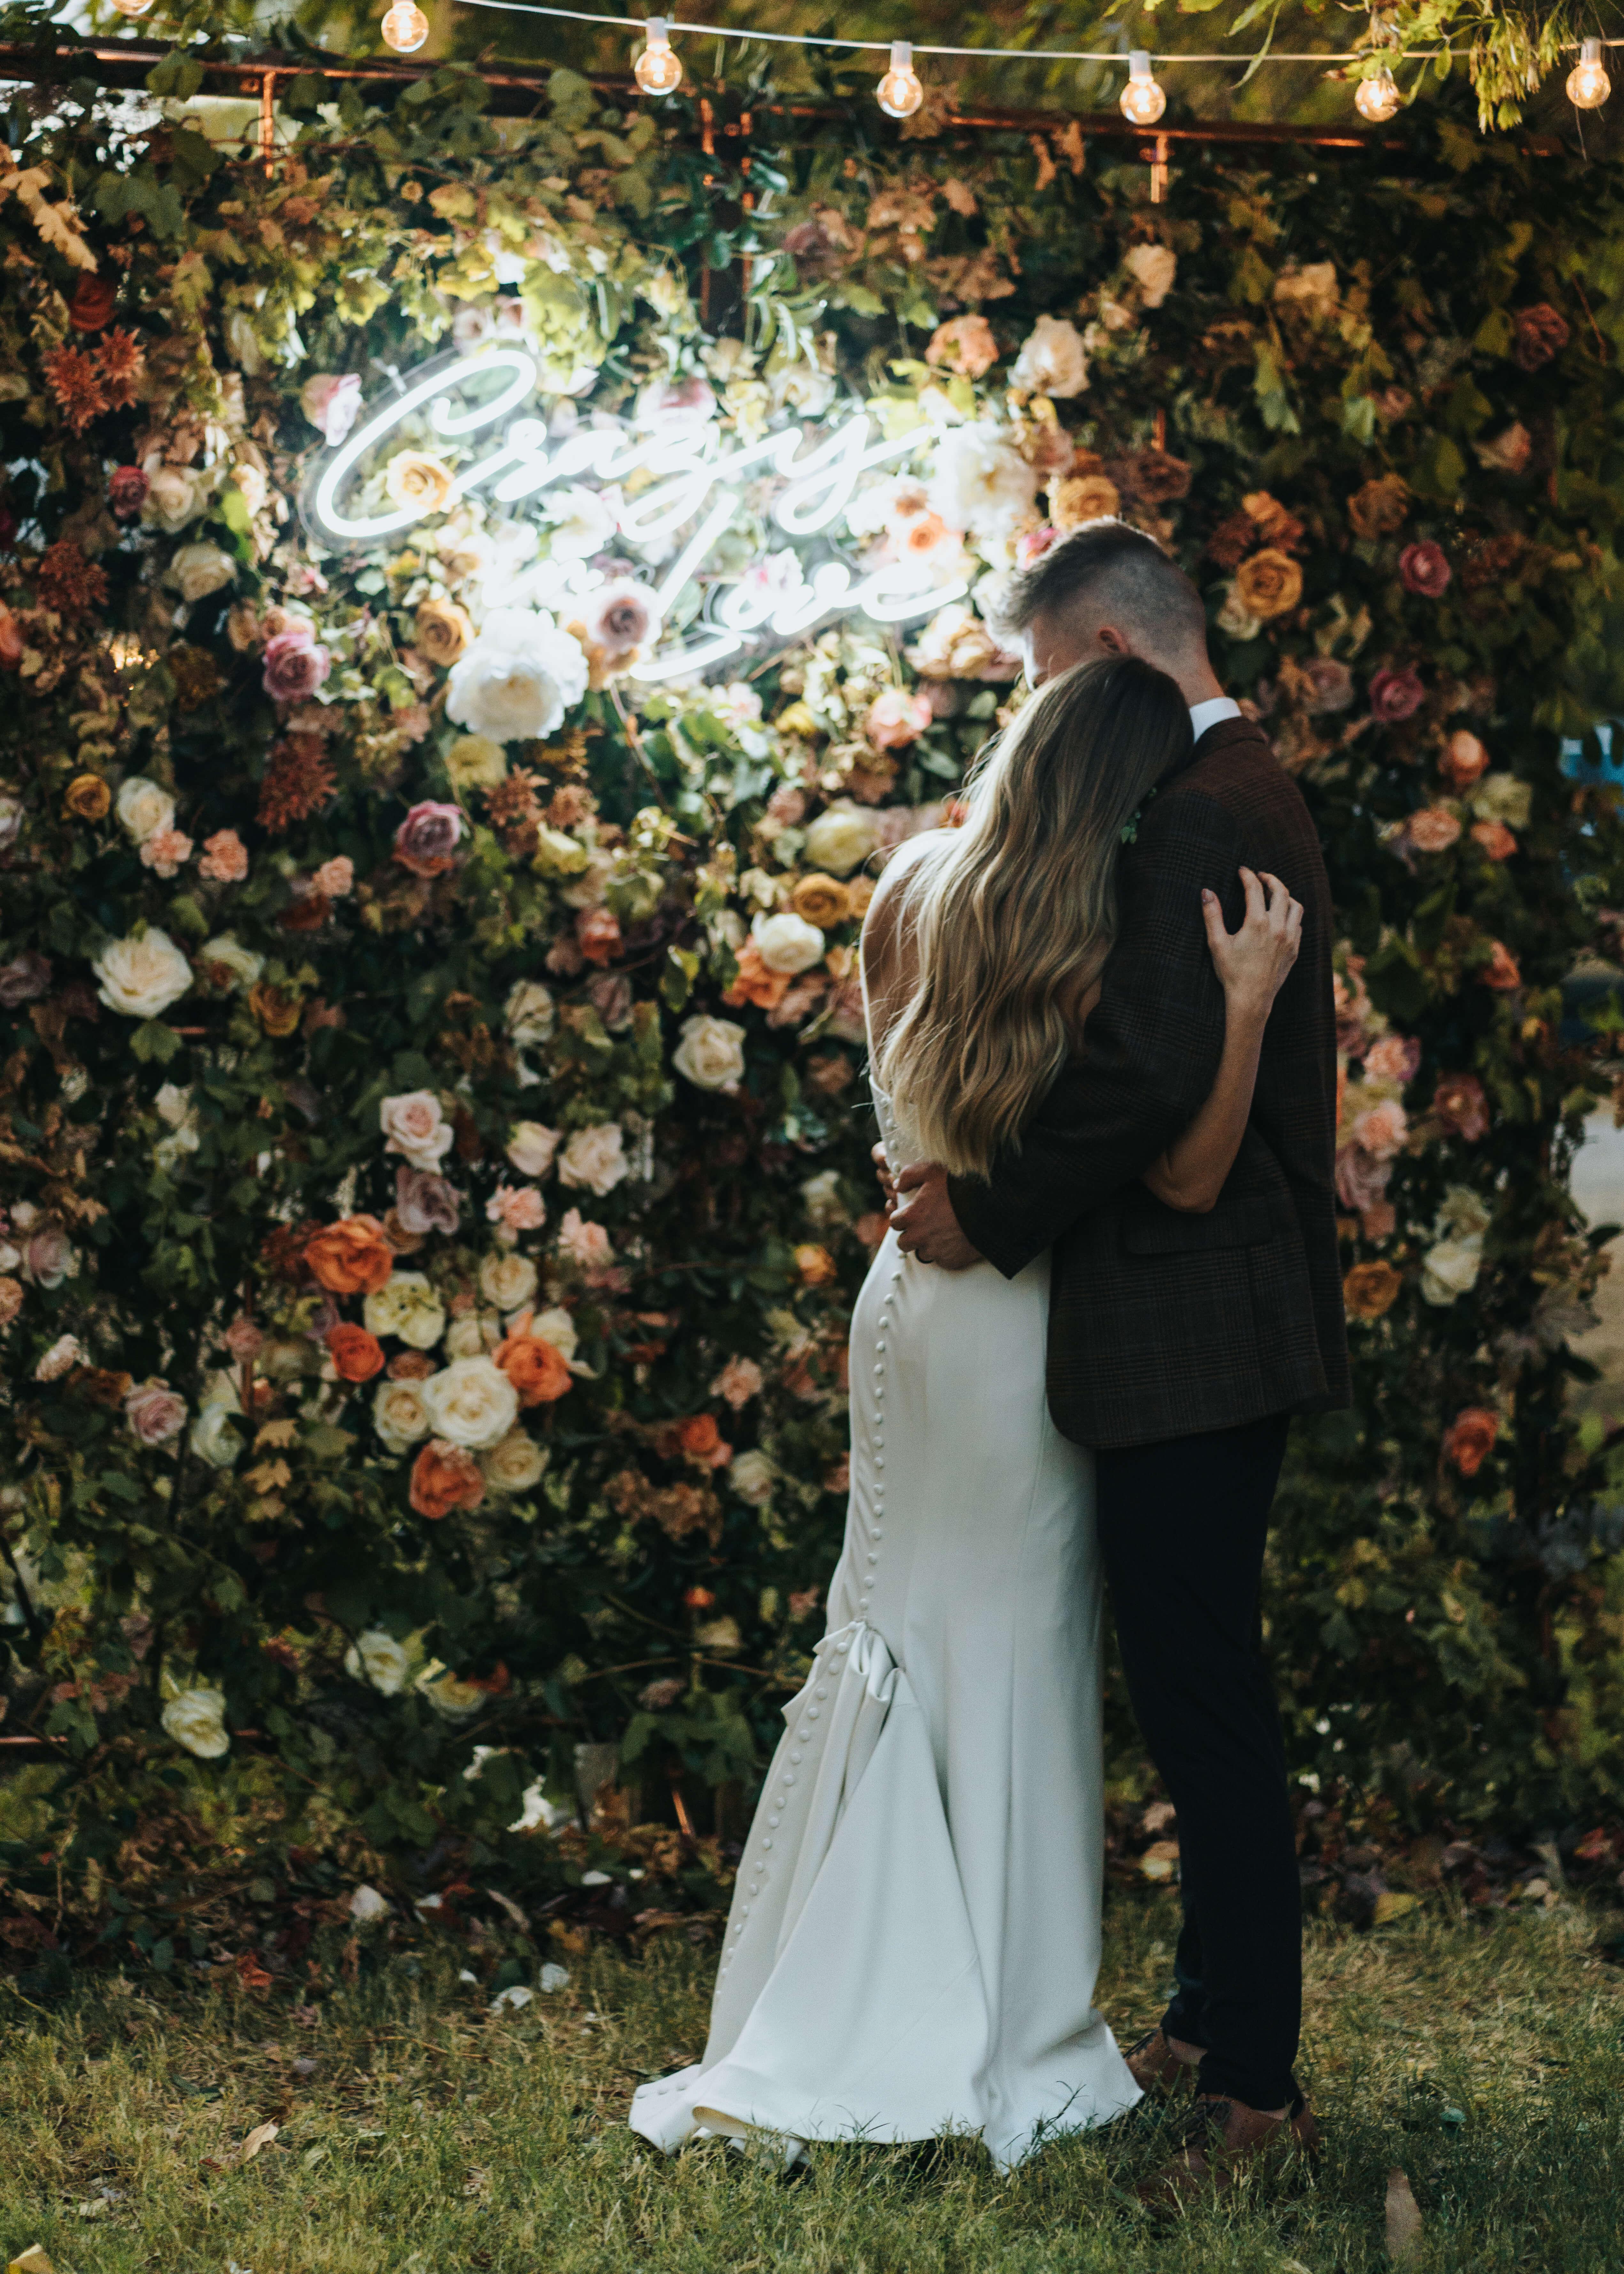 secret vows photo